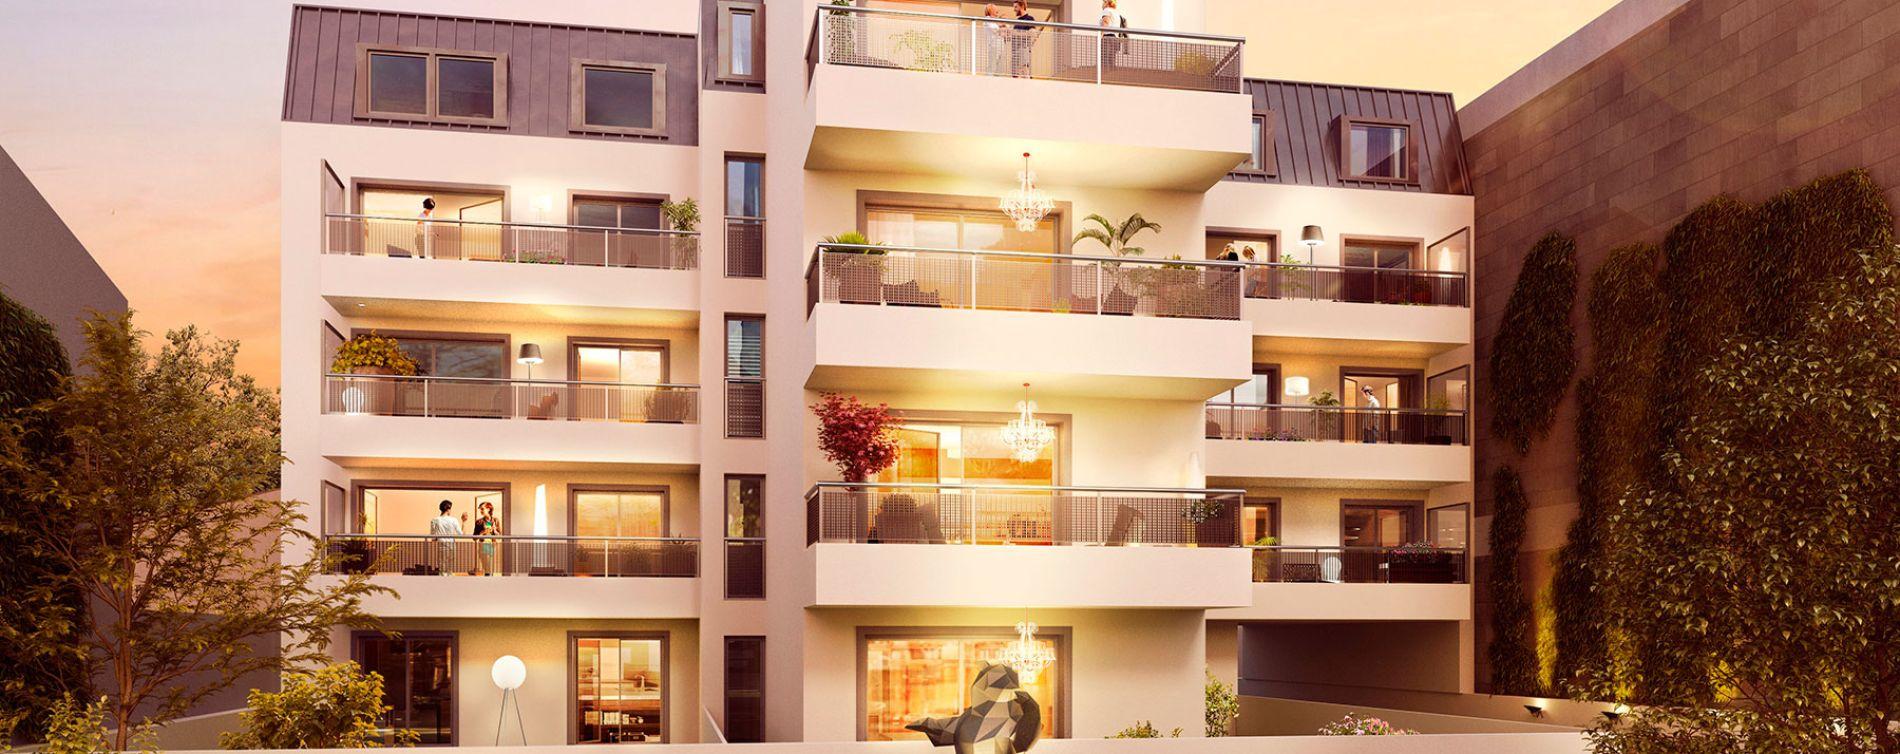 Alfortville : programme immobilier neuve « La Maison » (2)